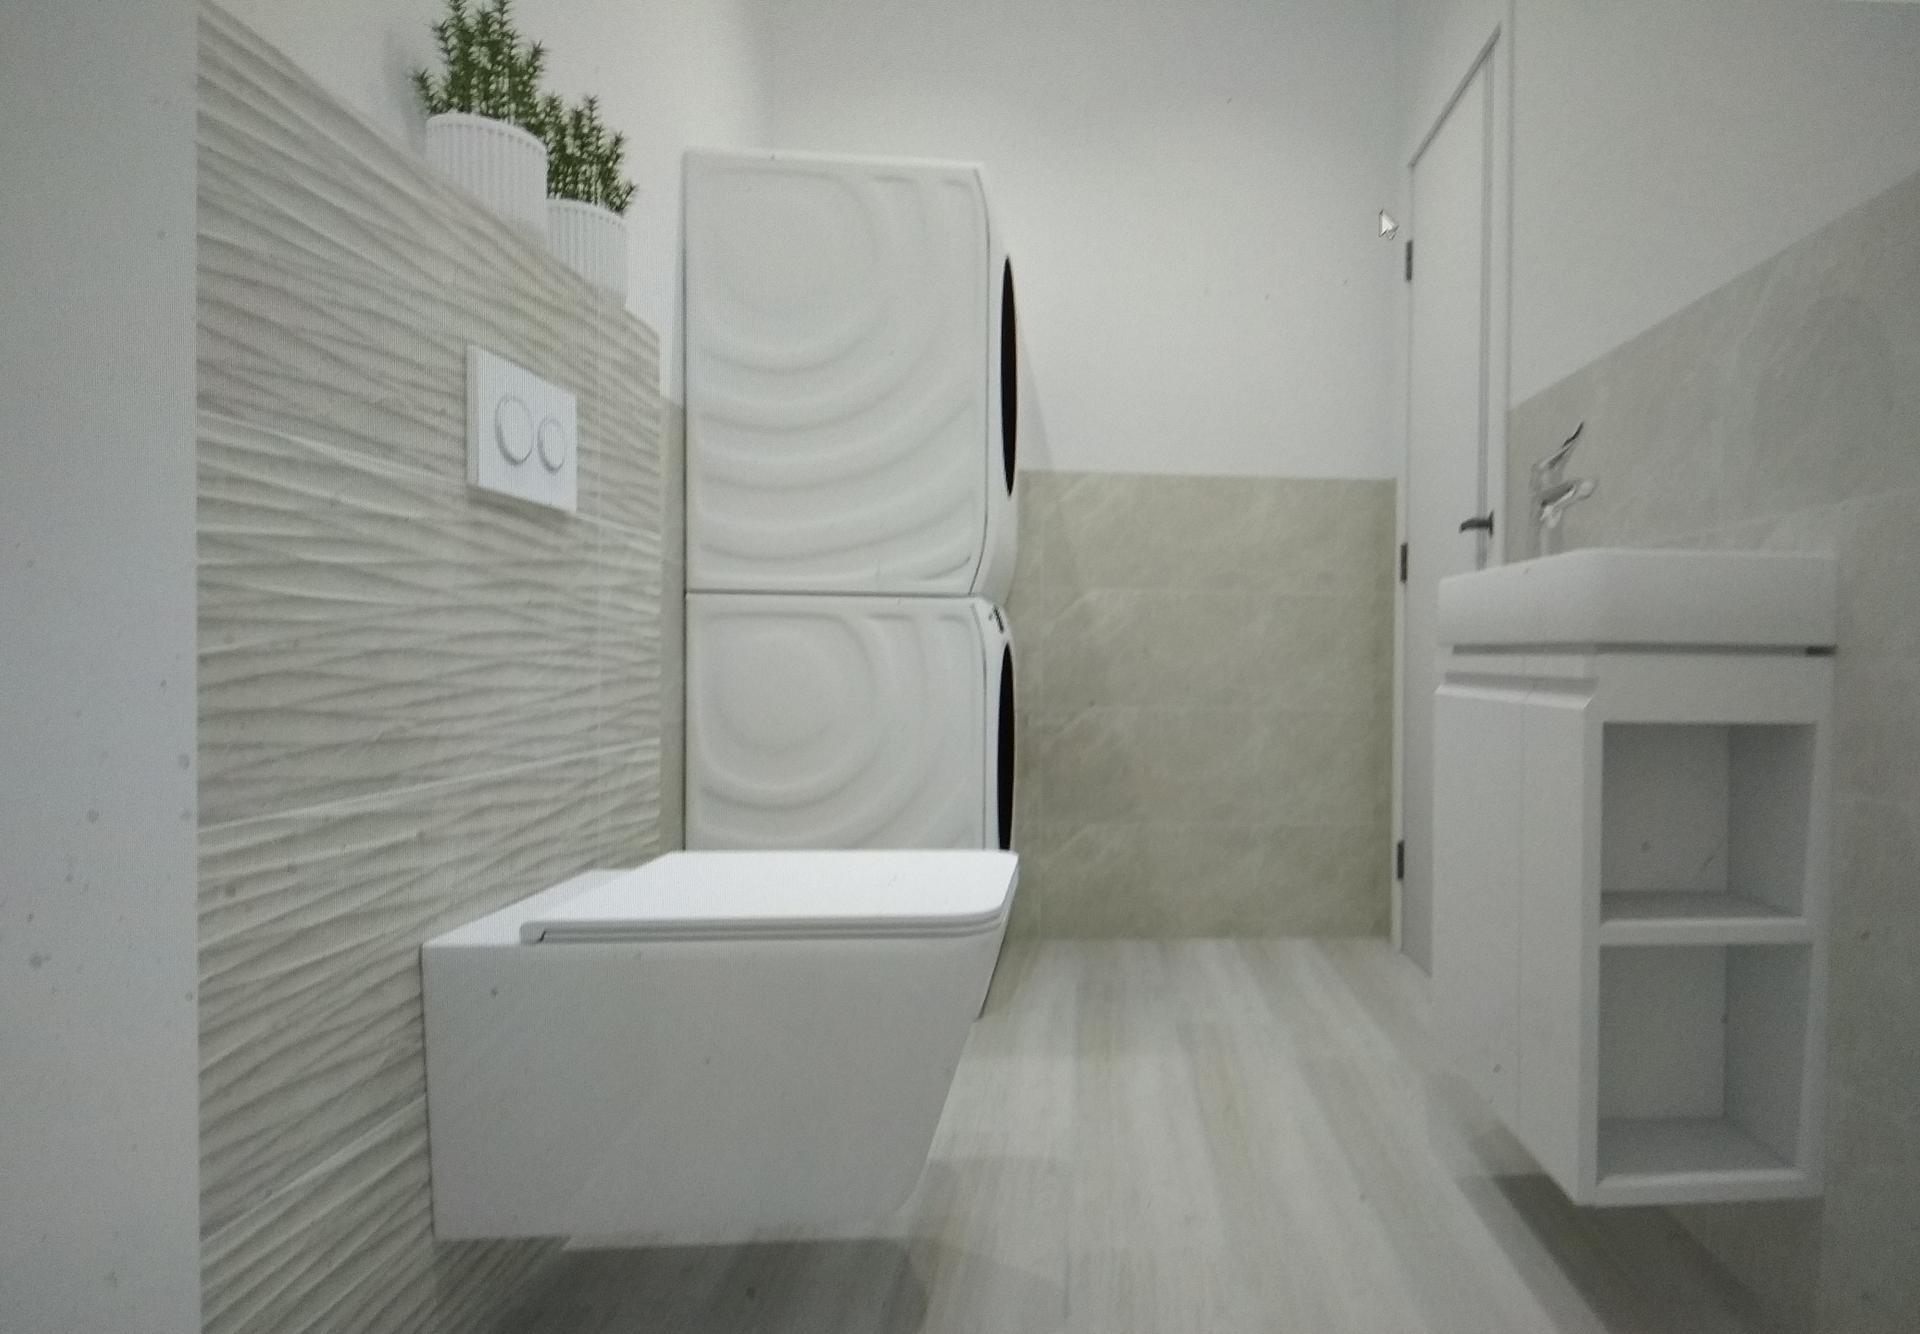 Takto nejako by mohli vyzerať naše kúpeľne a technická 🙂 - Obrázok č. 4